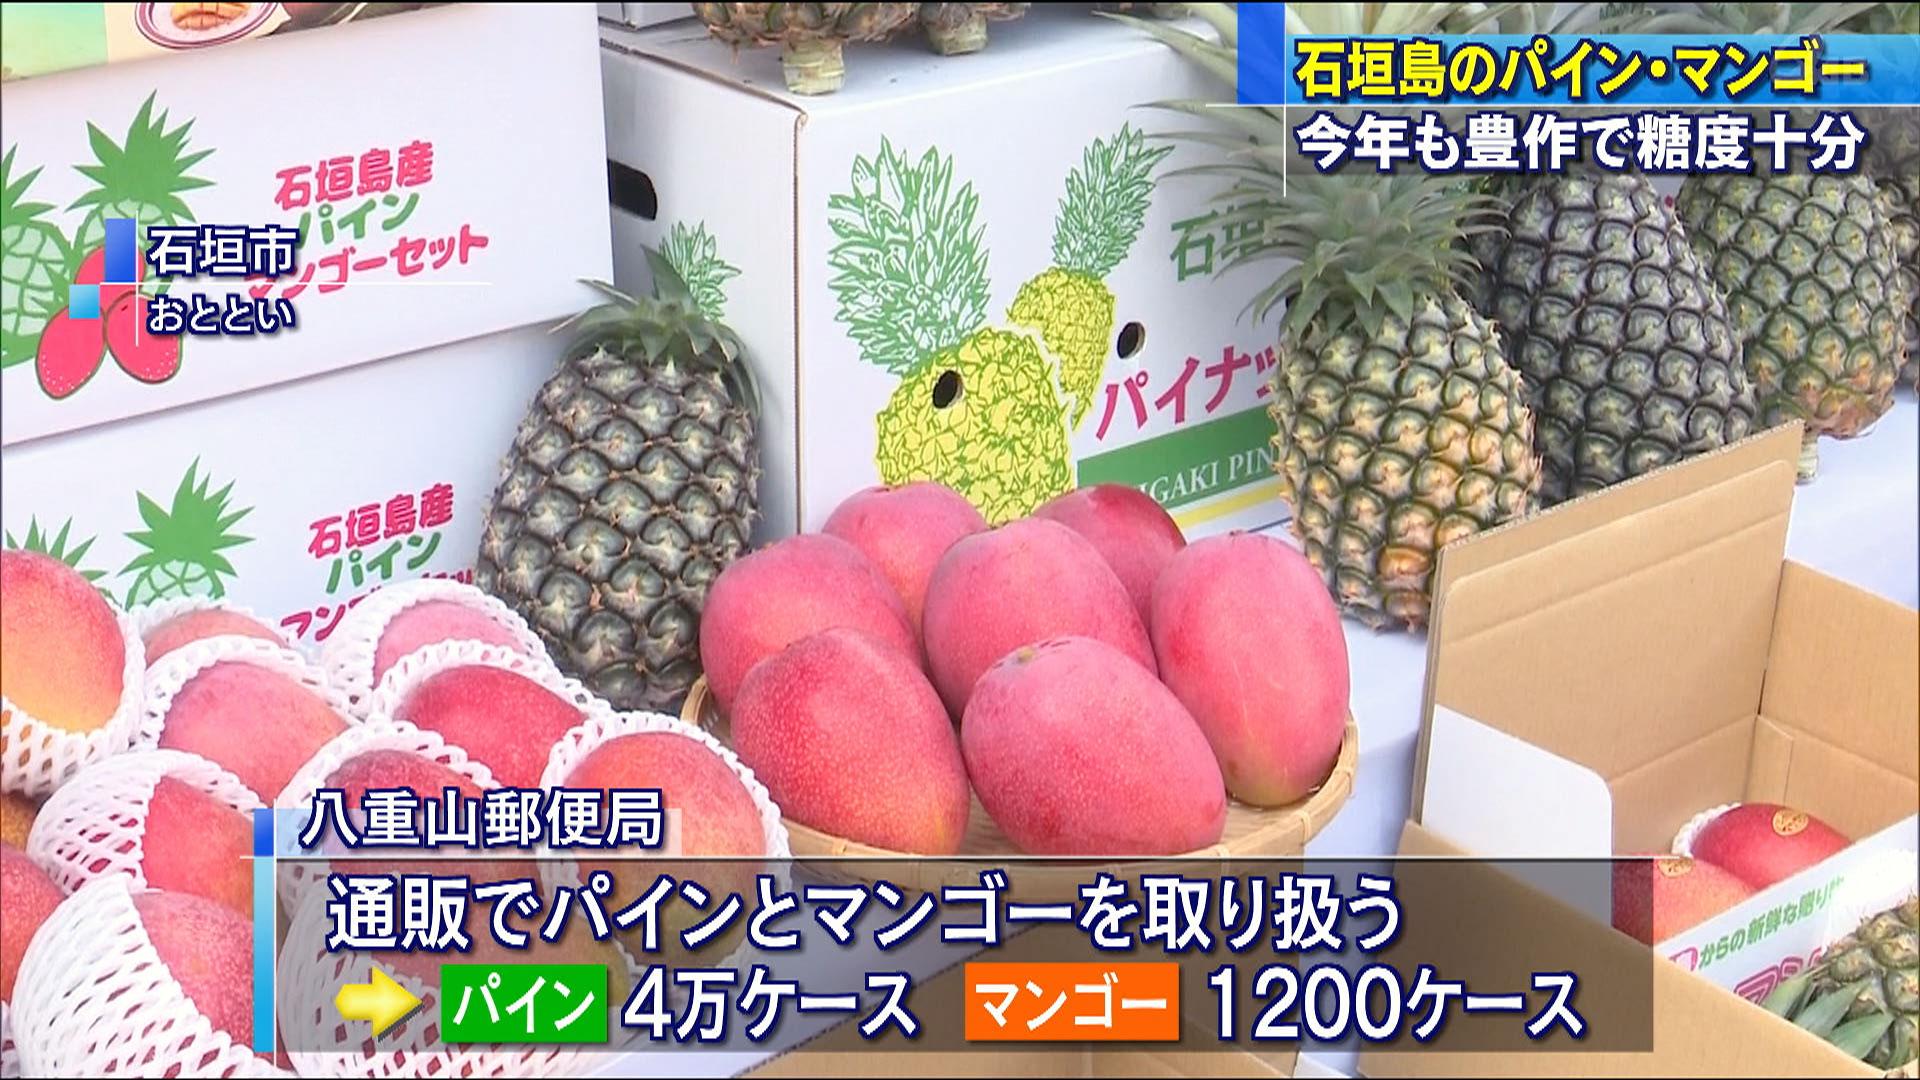 石垣島パインとマンゴー出荷式